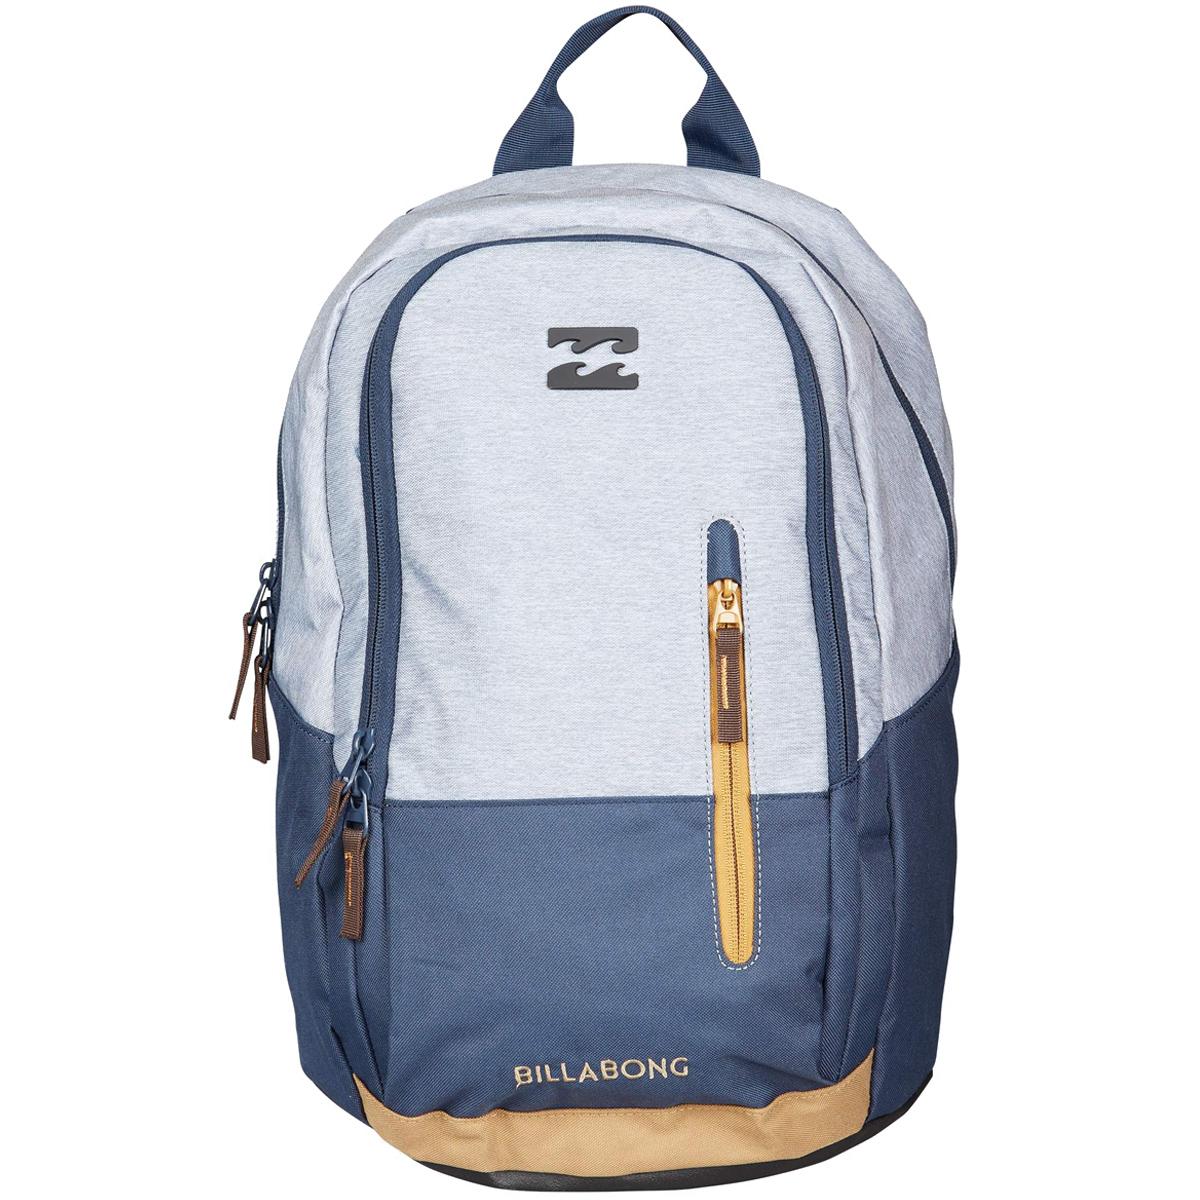 Рюкзак городской Billabong Shadow pack, цвет: серый, синий3607869368608Стильный и удобный рюкзак, компактный и достаточно вместительный, сделан, чтобы следовать за вами всюду, как тень. Рюкзак Shadow, в котором сочетается функциональность и эстетический внешний вид. Большое основное отделение с мягким карманом для ноутбука. Дополнительное отделение с вертикальным карманом. Усиленное дно. Эргономичные лямки с регулировкой.